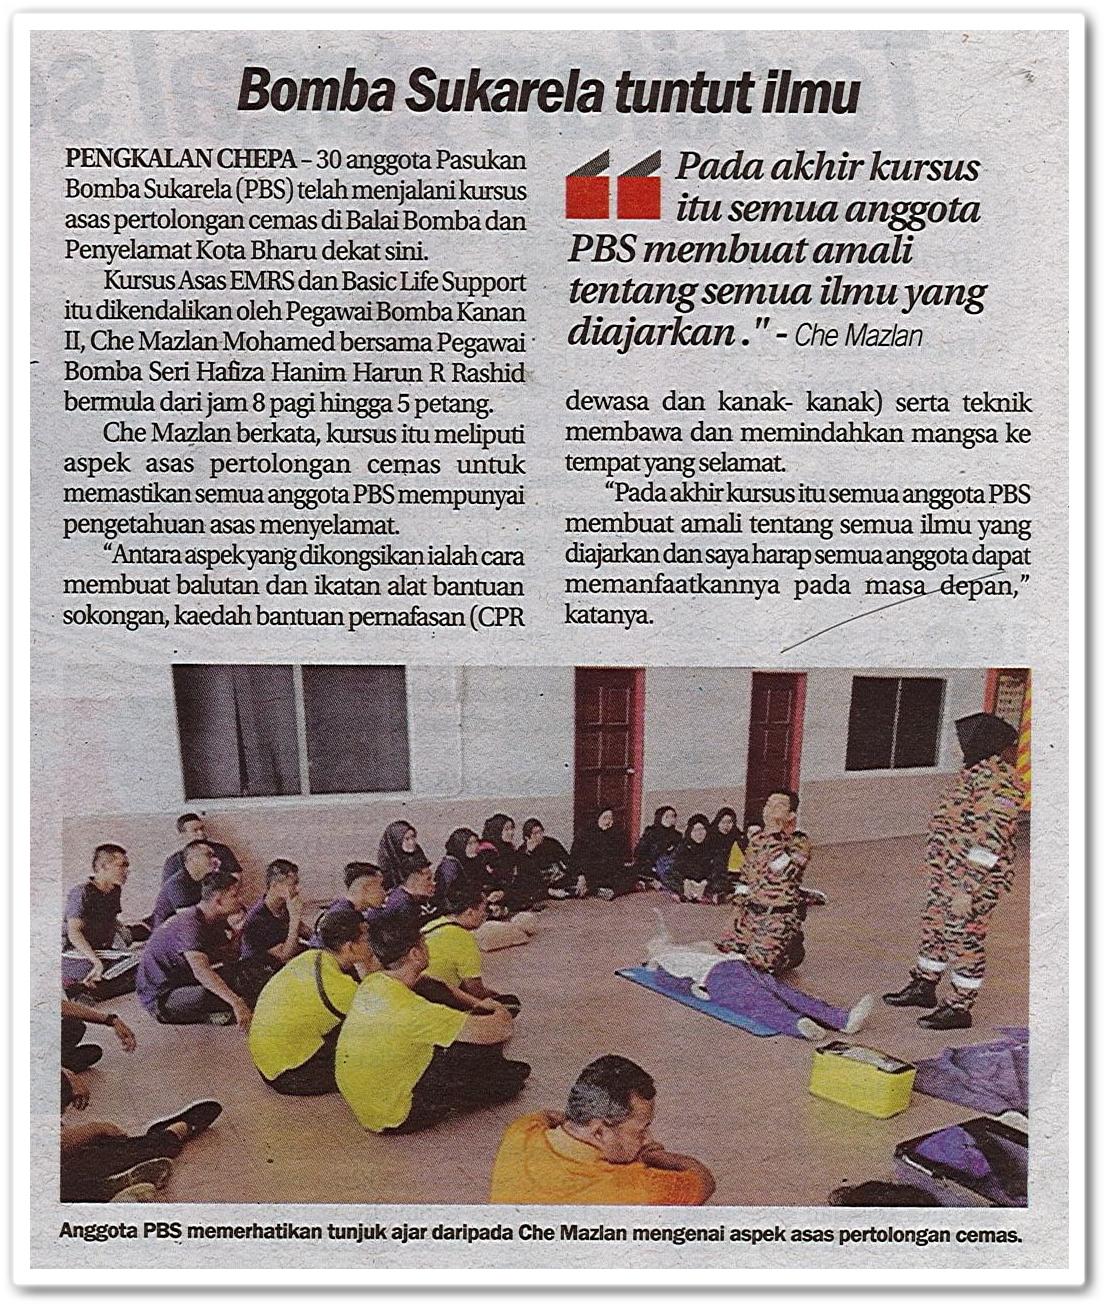 Bomba Sukarela menuntut ilmu - Keratan akhbar Sinar Harian 22 Februari 2019